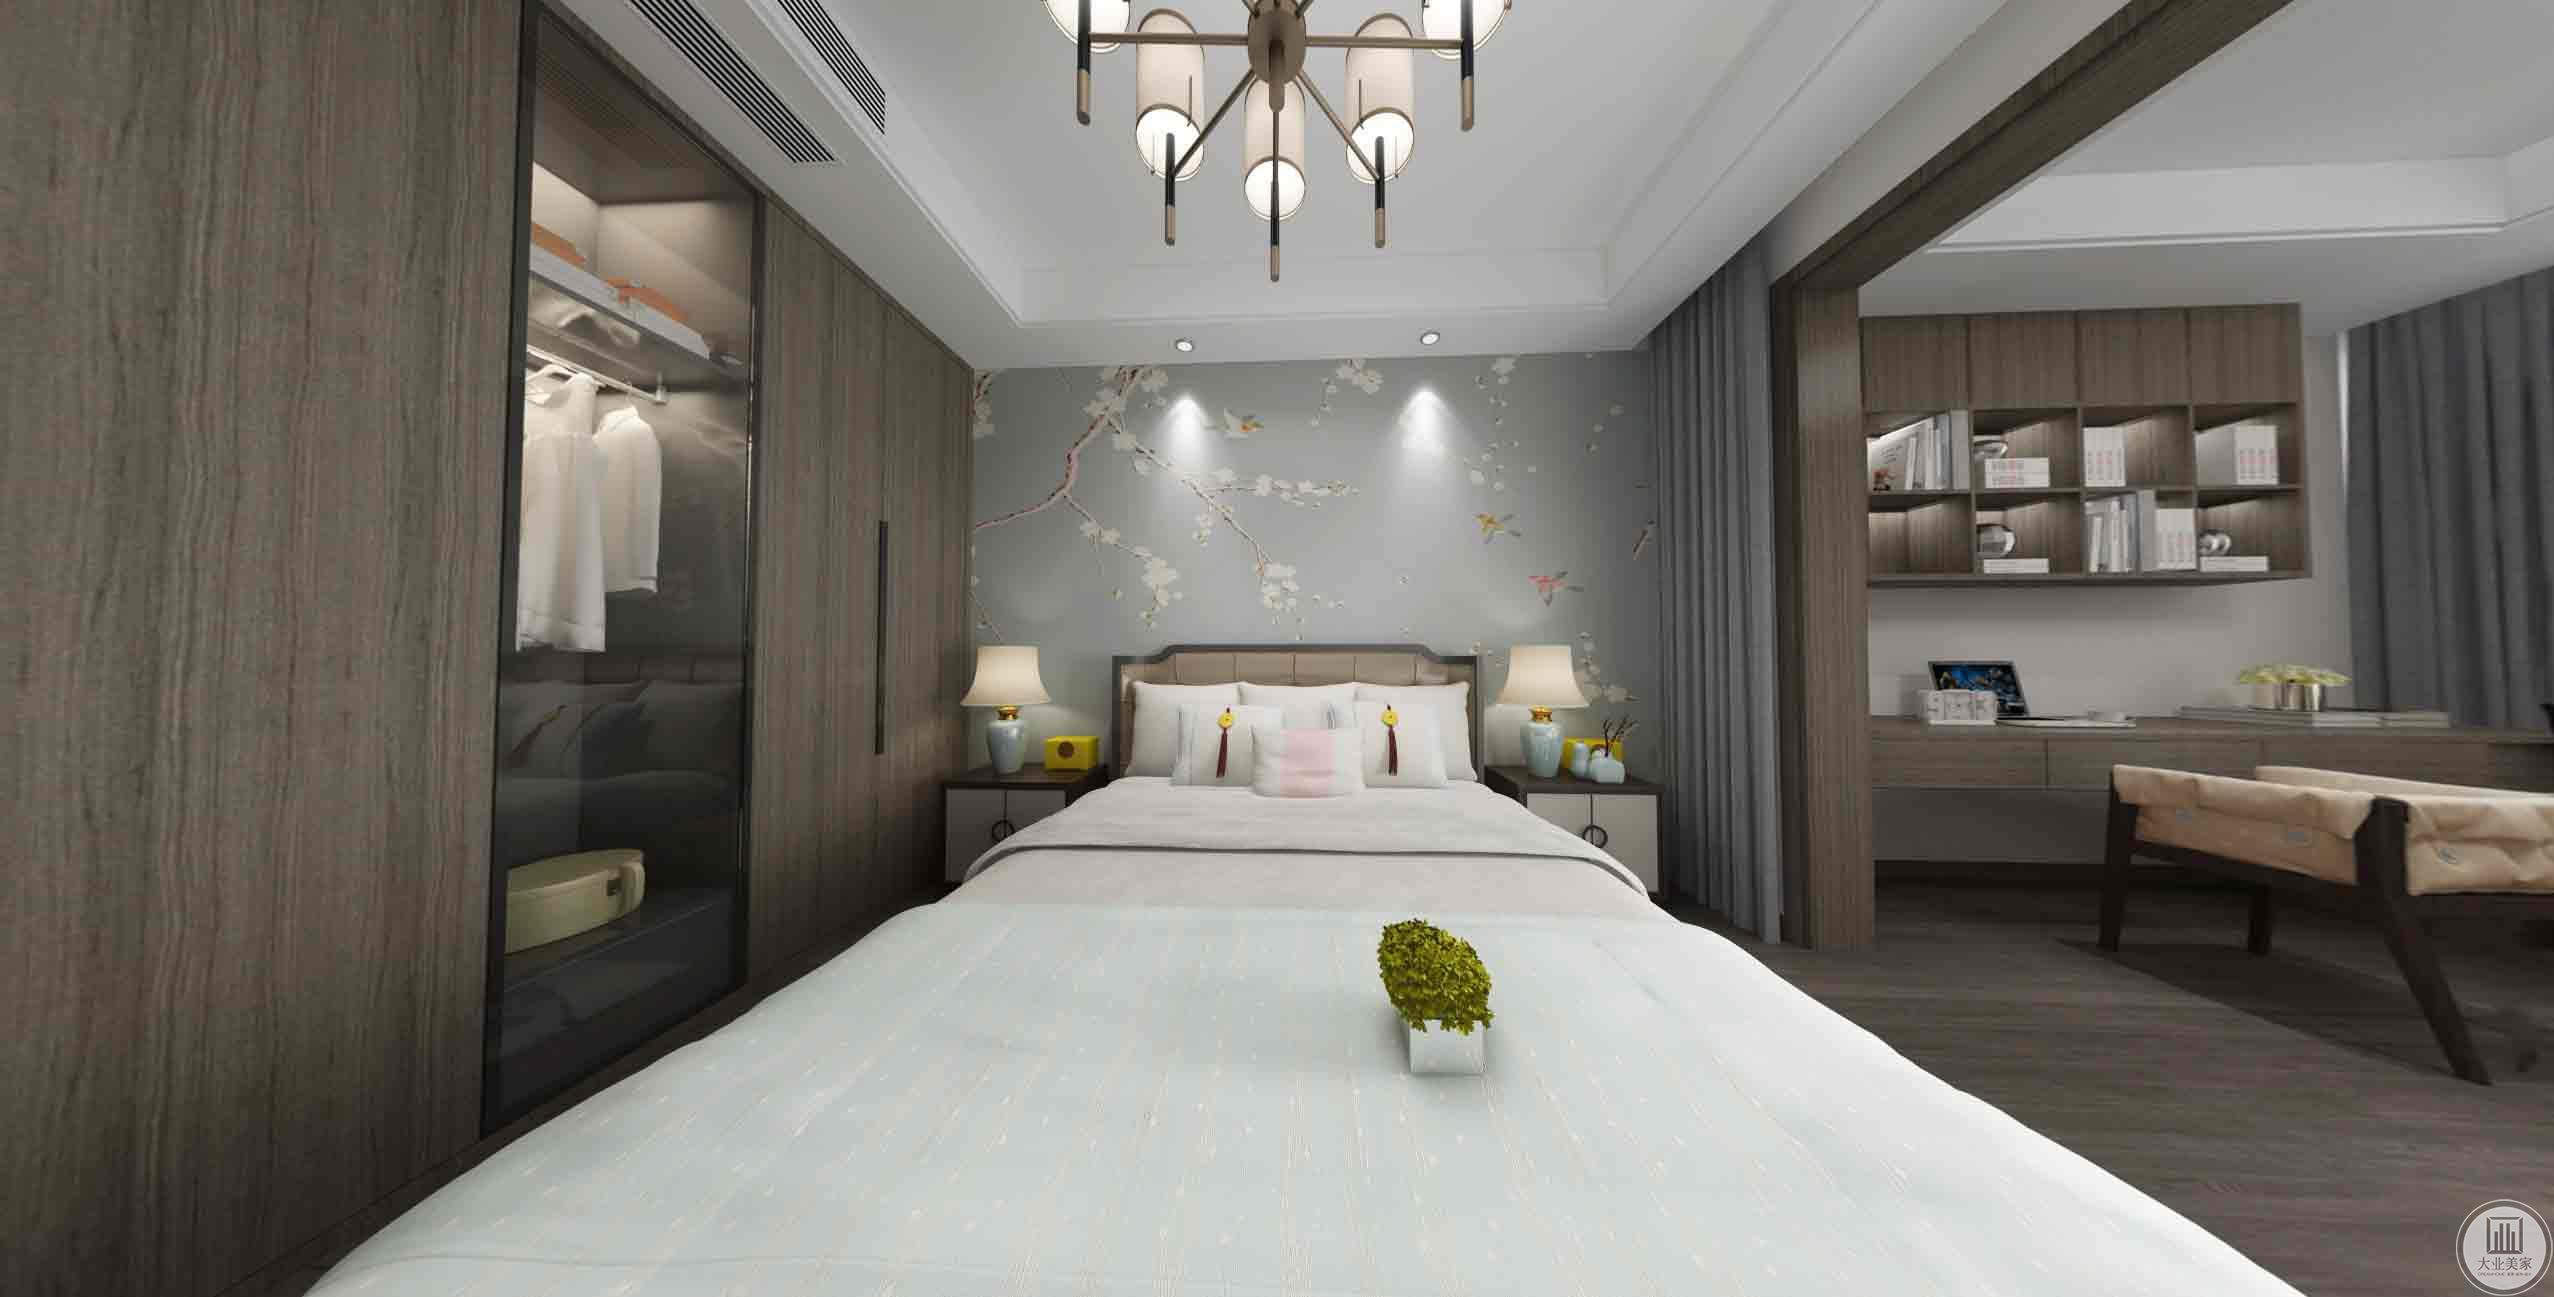 儿童房:二楼主要以儿童为主,简单的背景墙,空间简洁大方、舒适温馨的卧室。